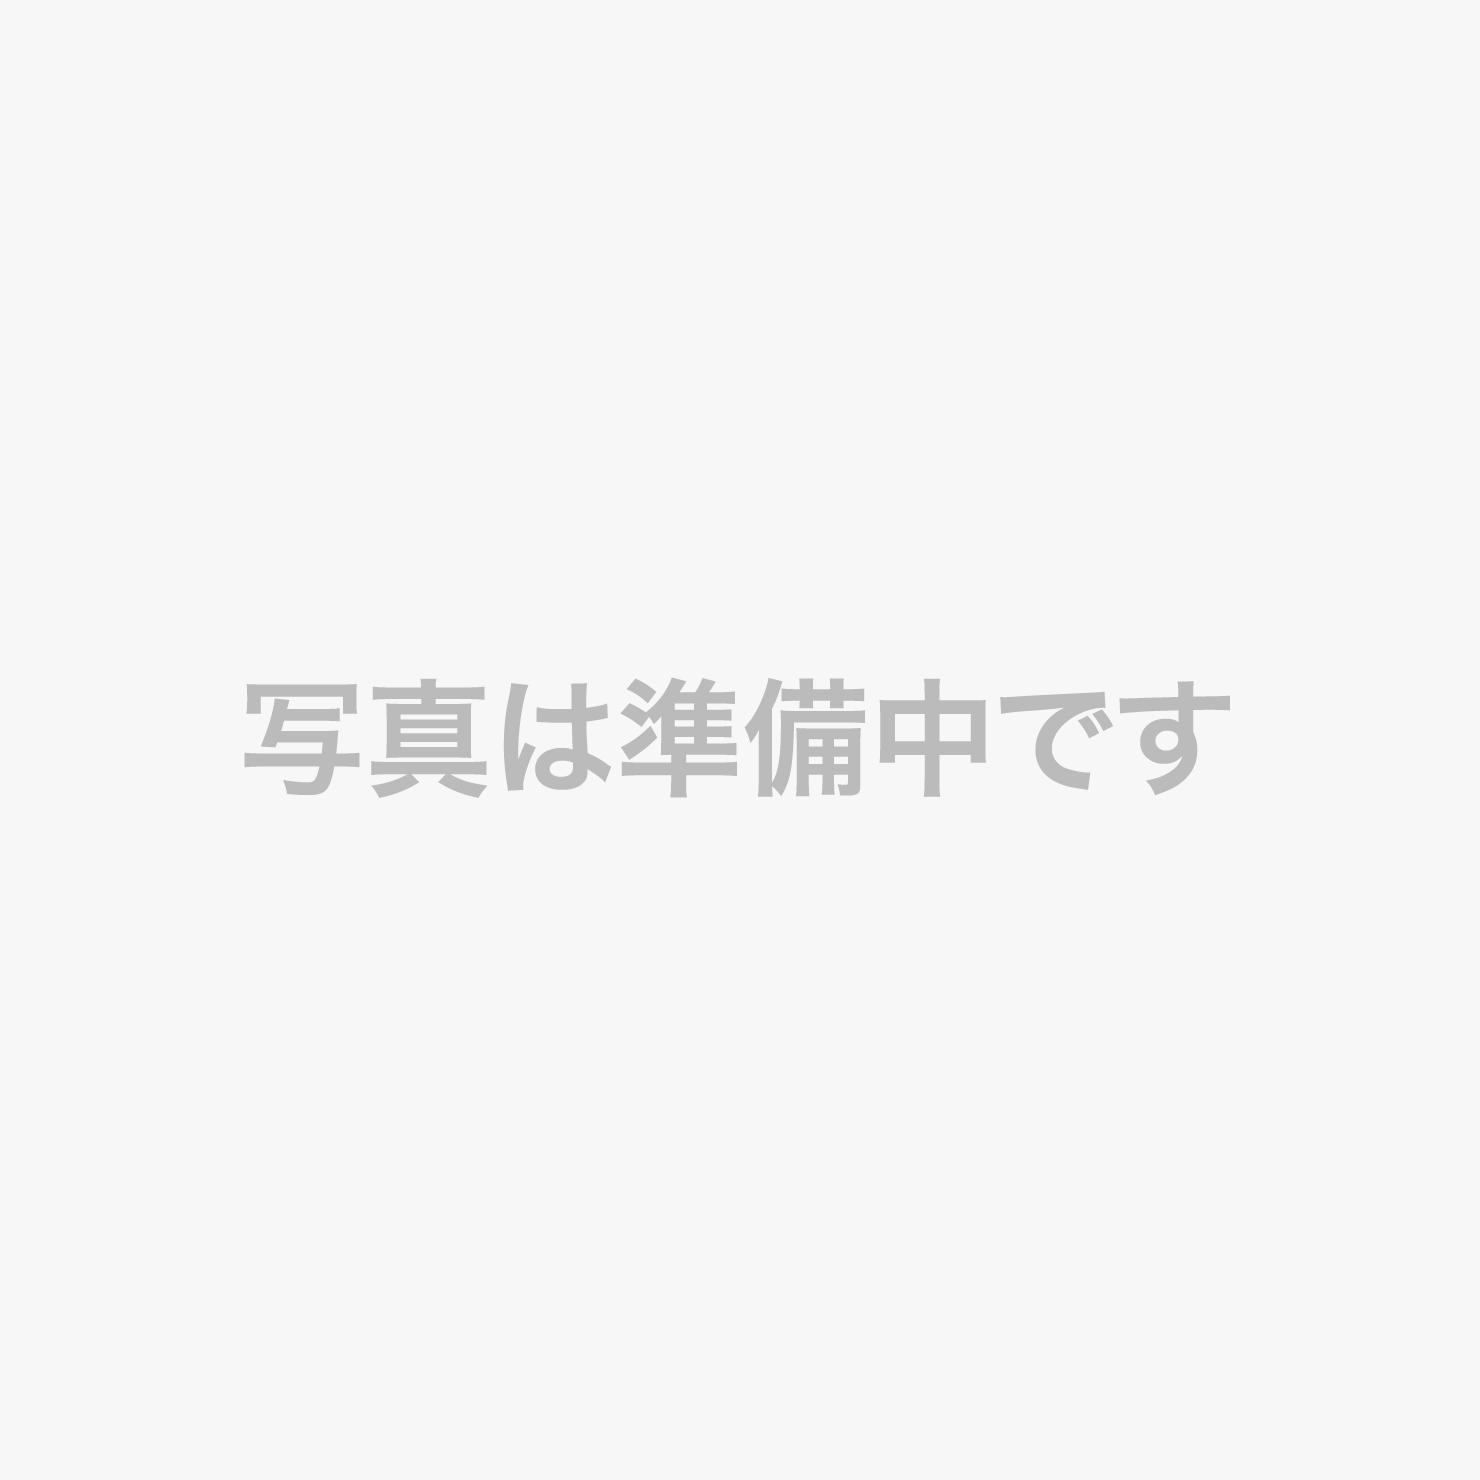 リッチモンドホテル秋田駅前では、24:00を廻ると防犯のため施錠致します。夜も安心してお休み頂けます。